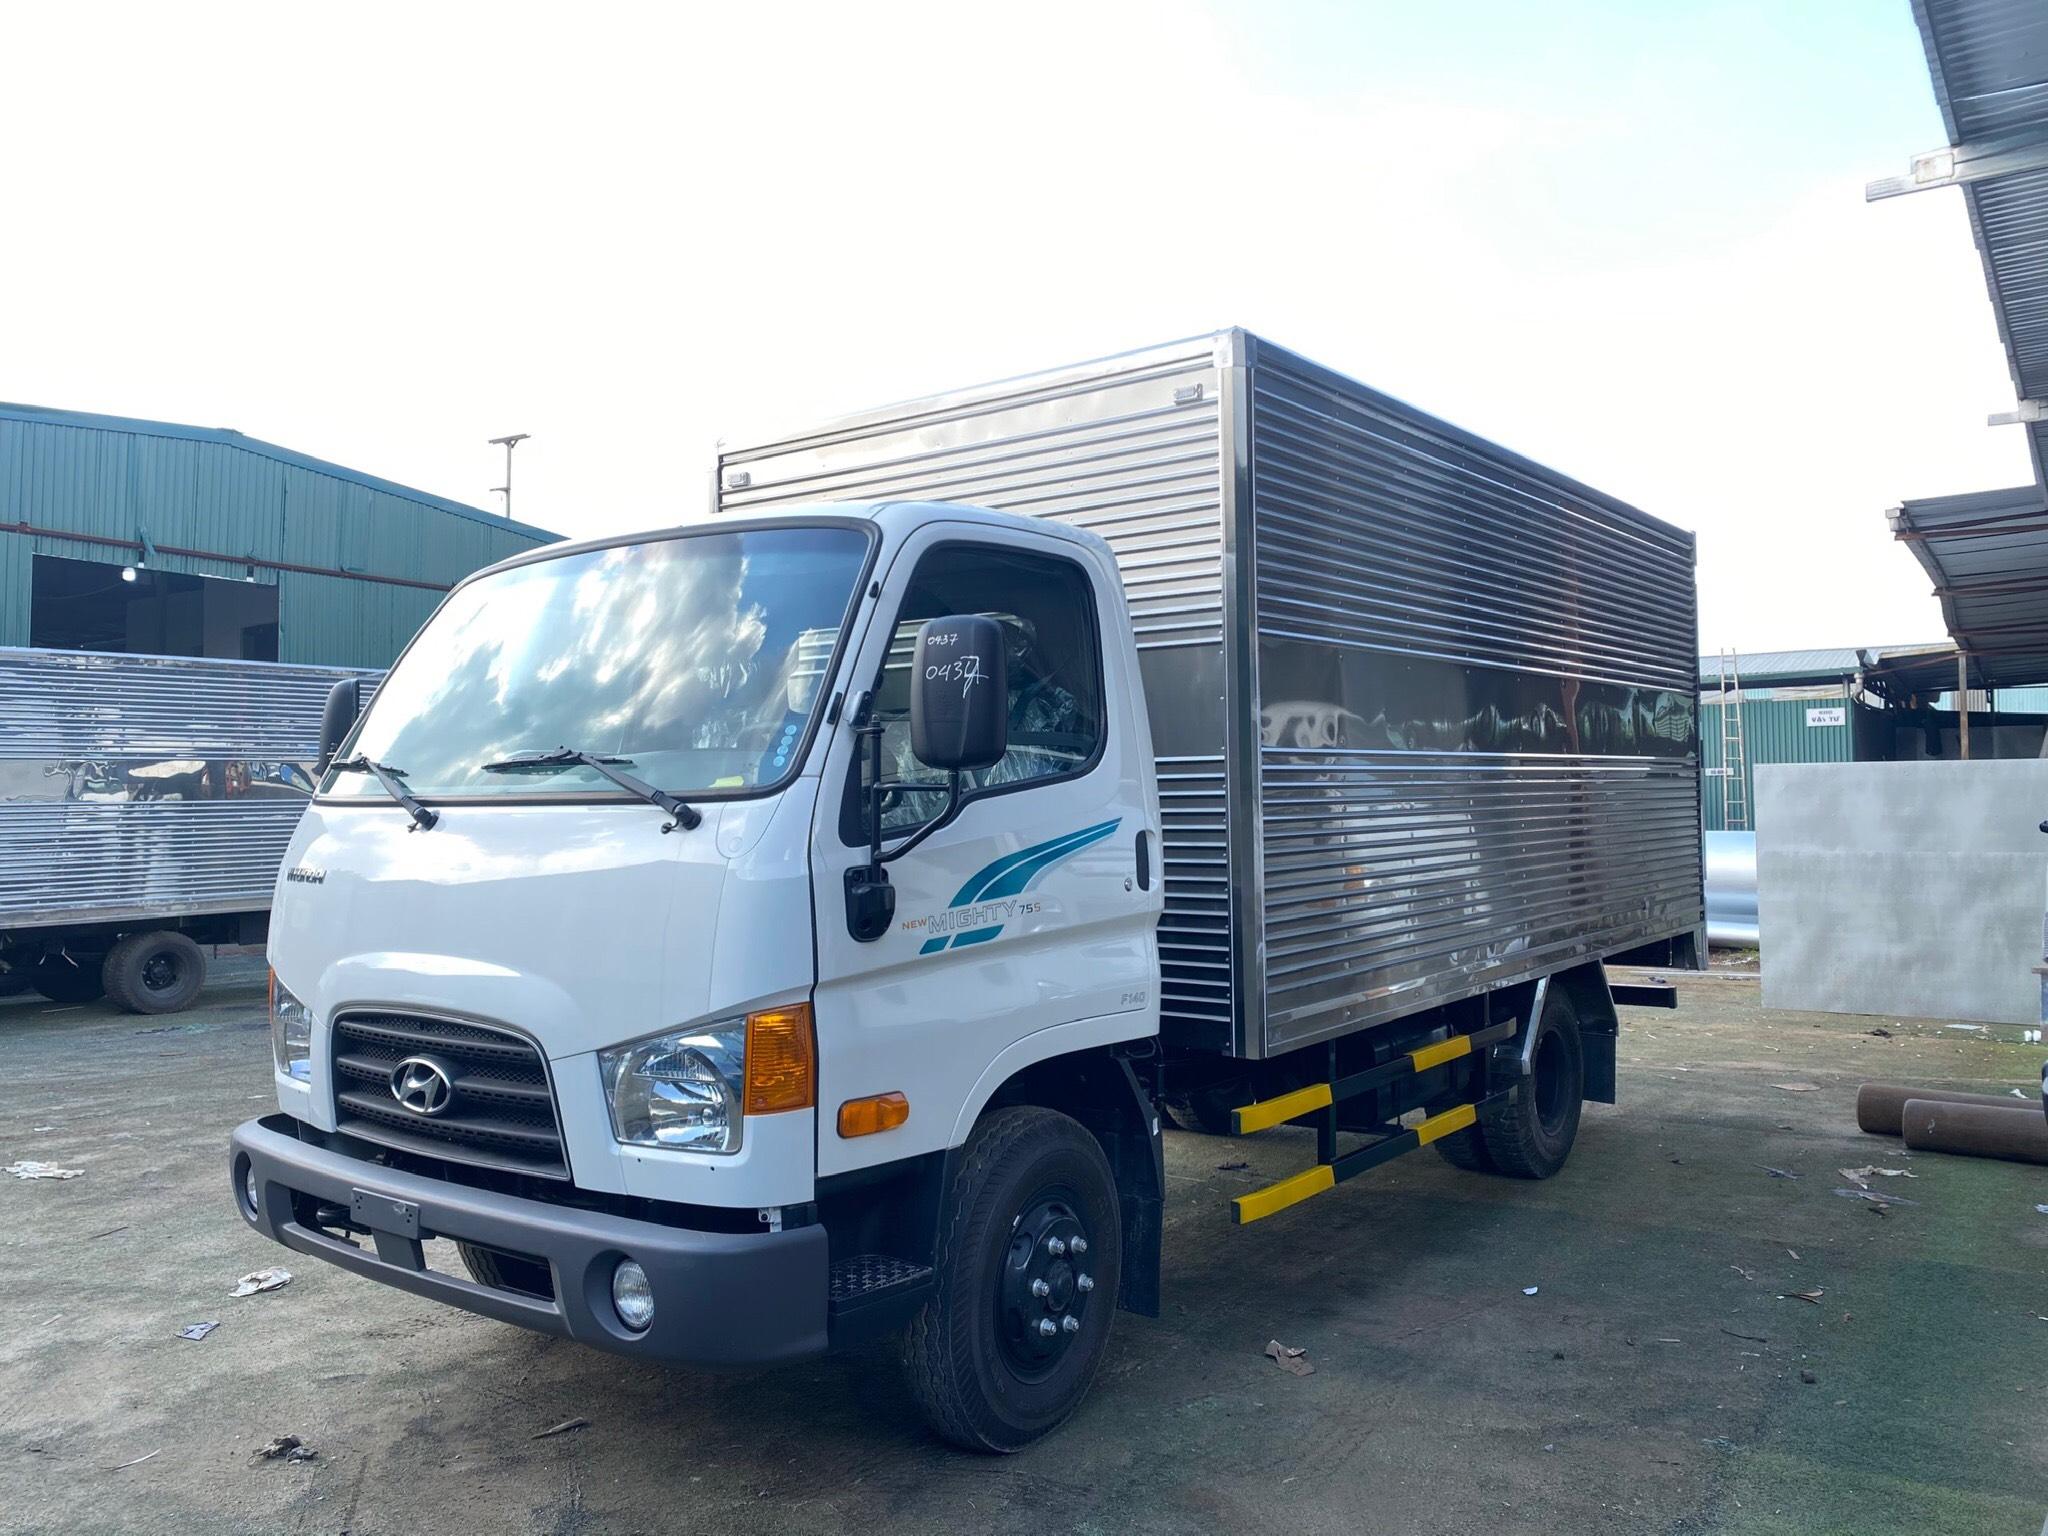 Bán xe tải Hyundai 75s tại Bắc Giang